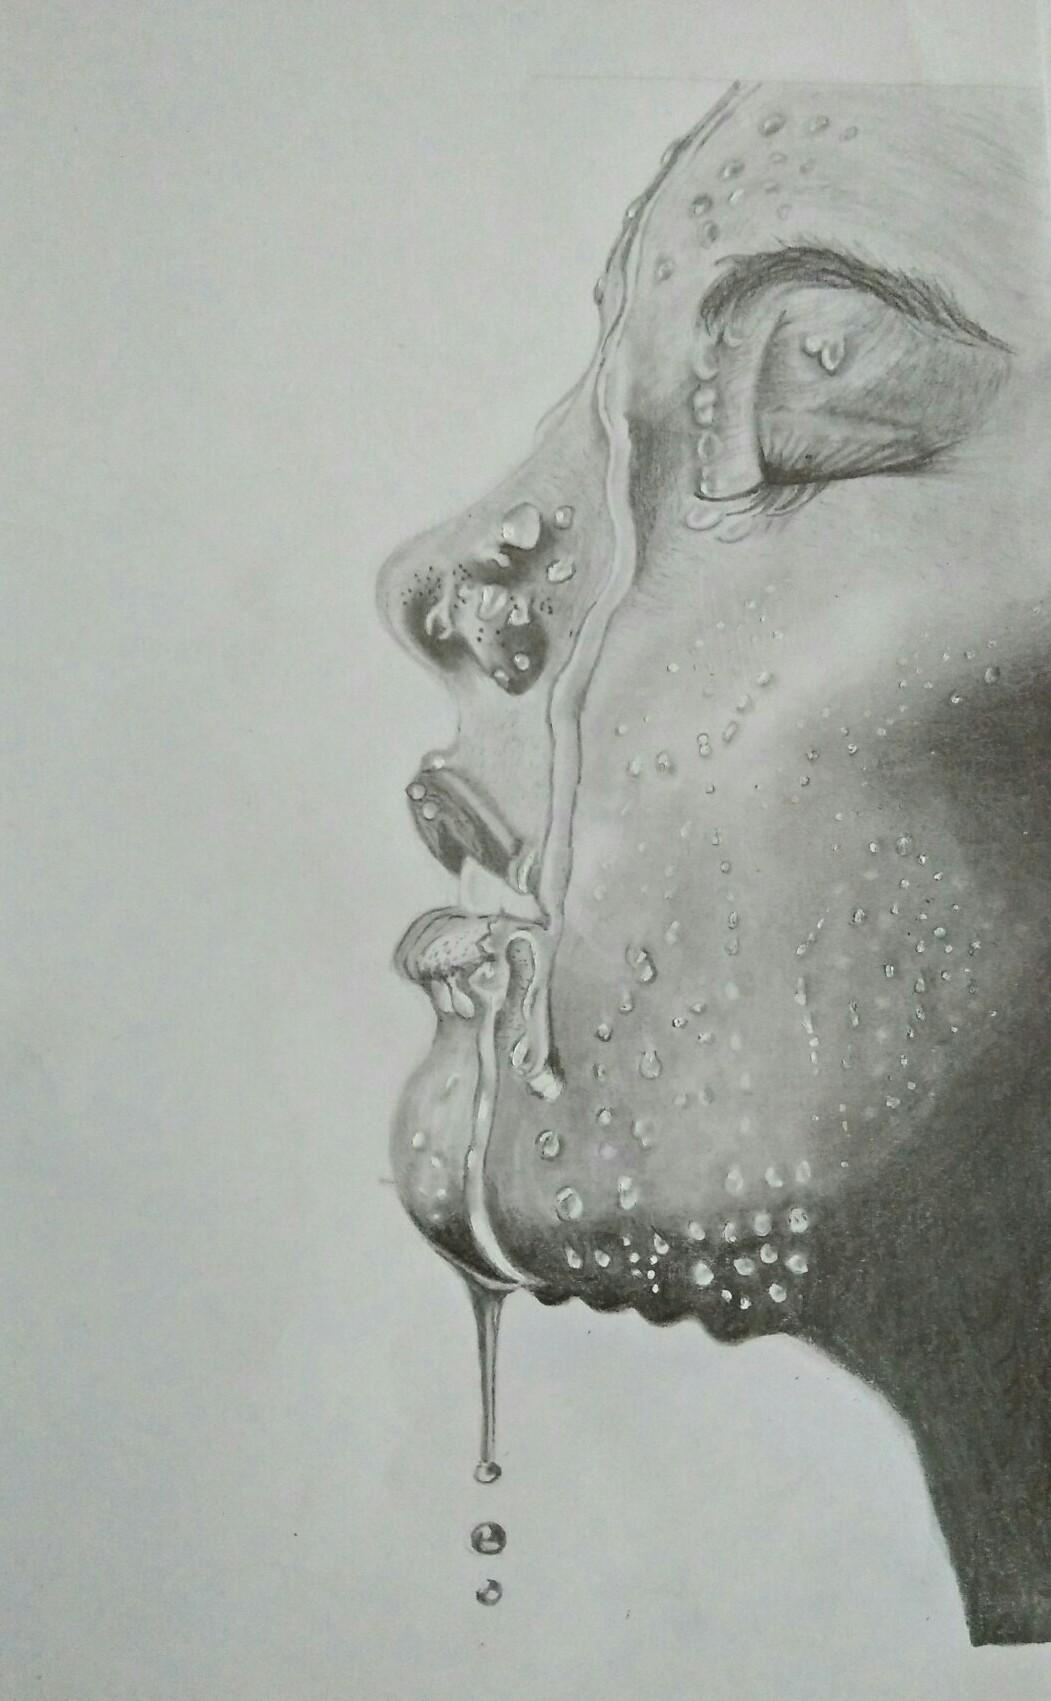 Woman Pencil Sketch : woman, pencil, sketch, Strong, Woman:, Pencil, Sketch, Akhila